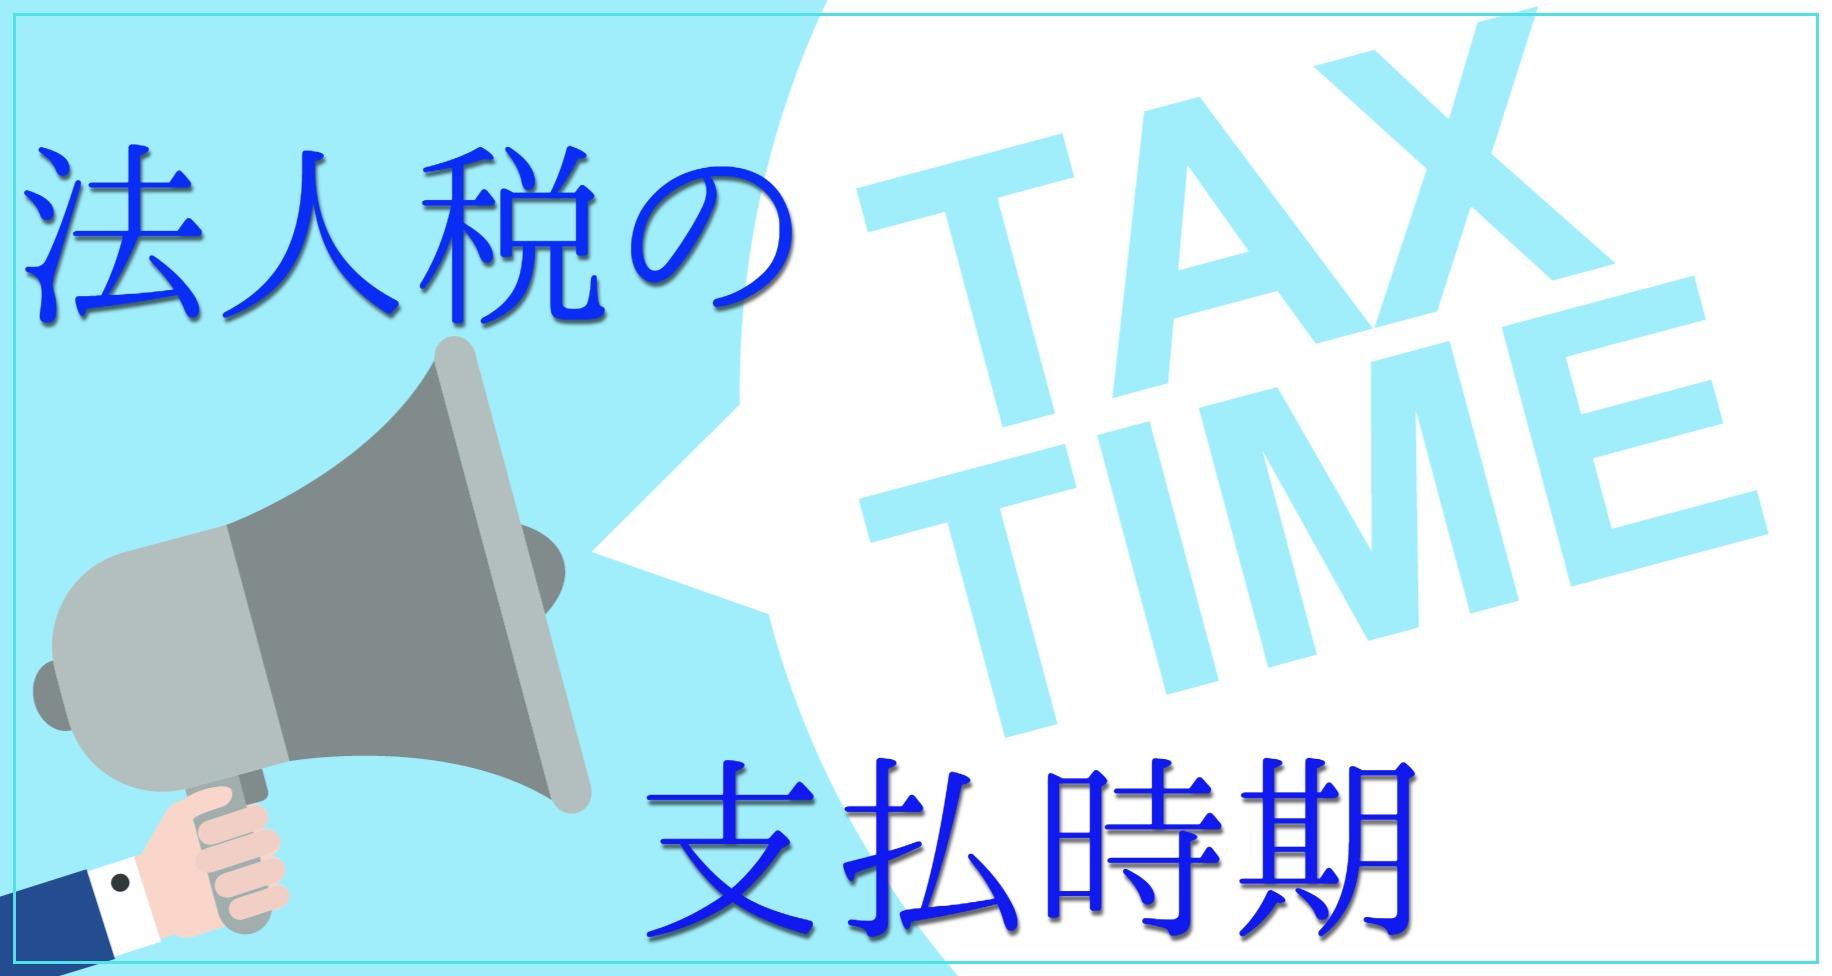 法人税の支払時期